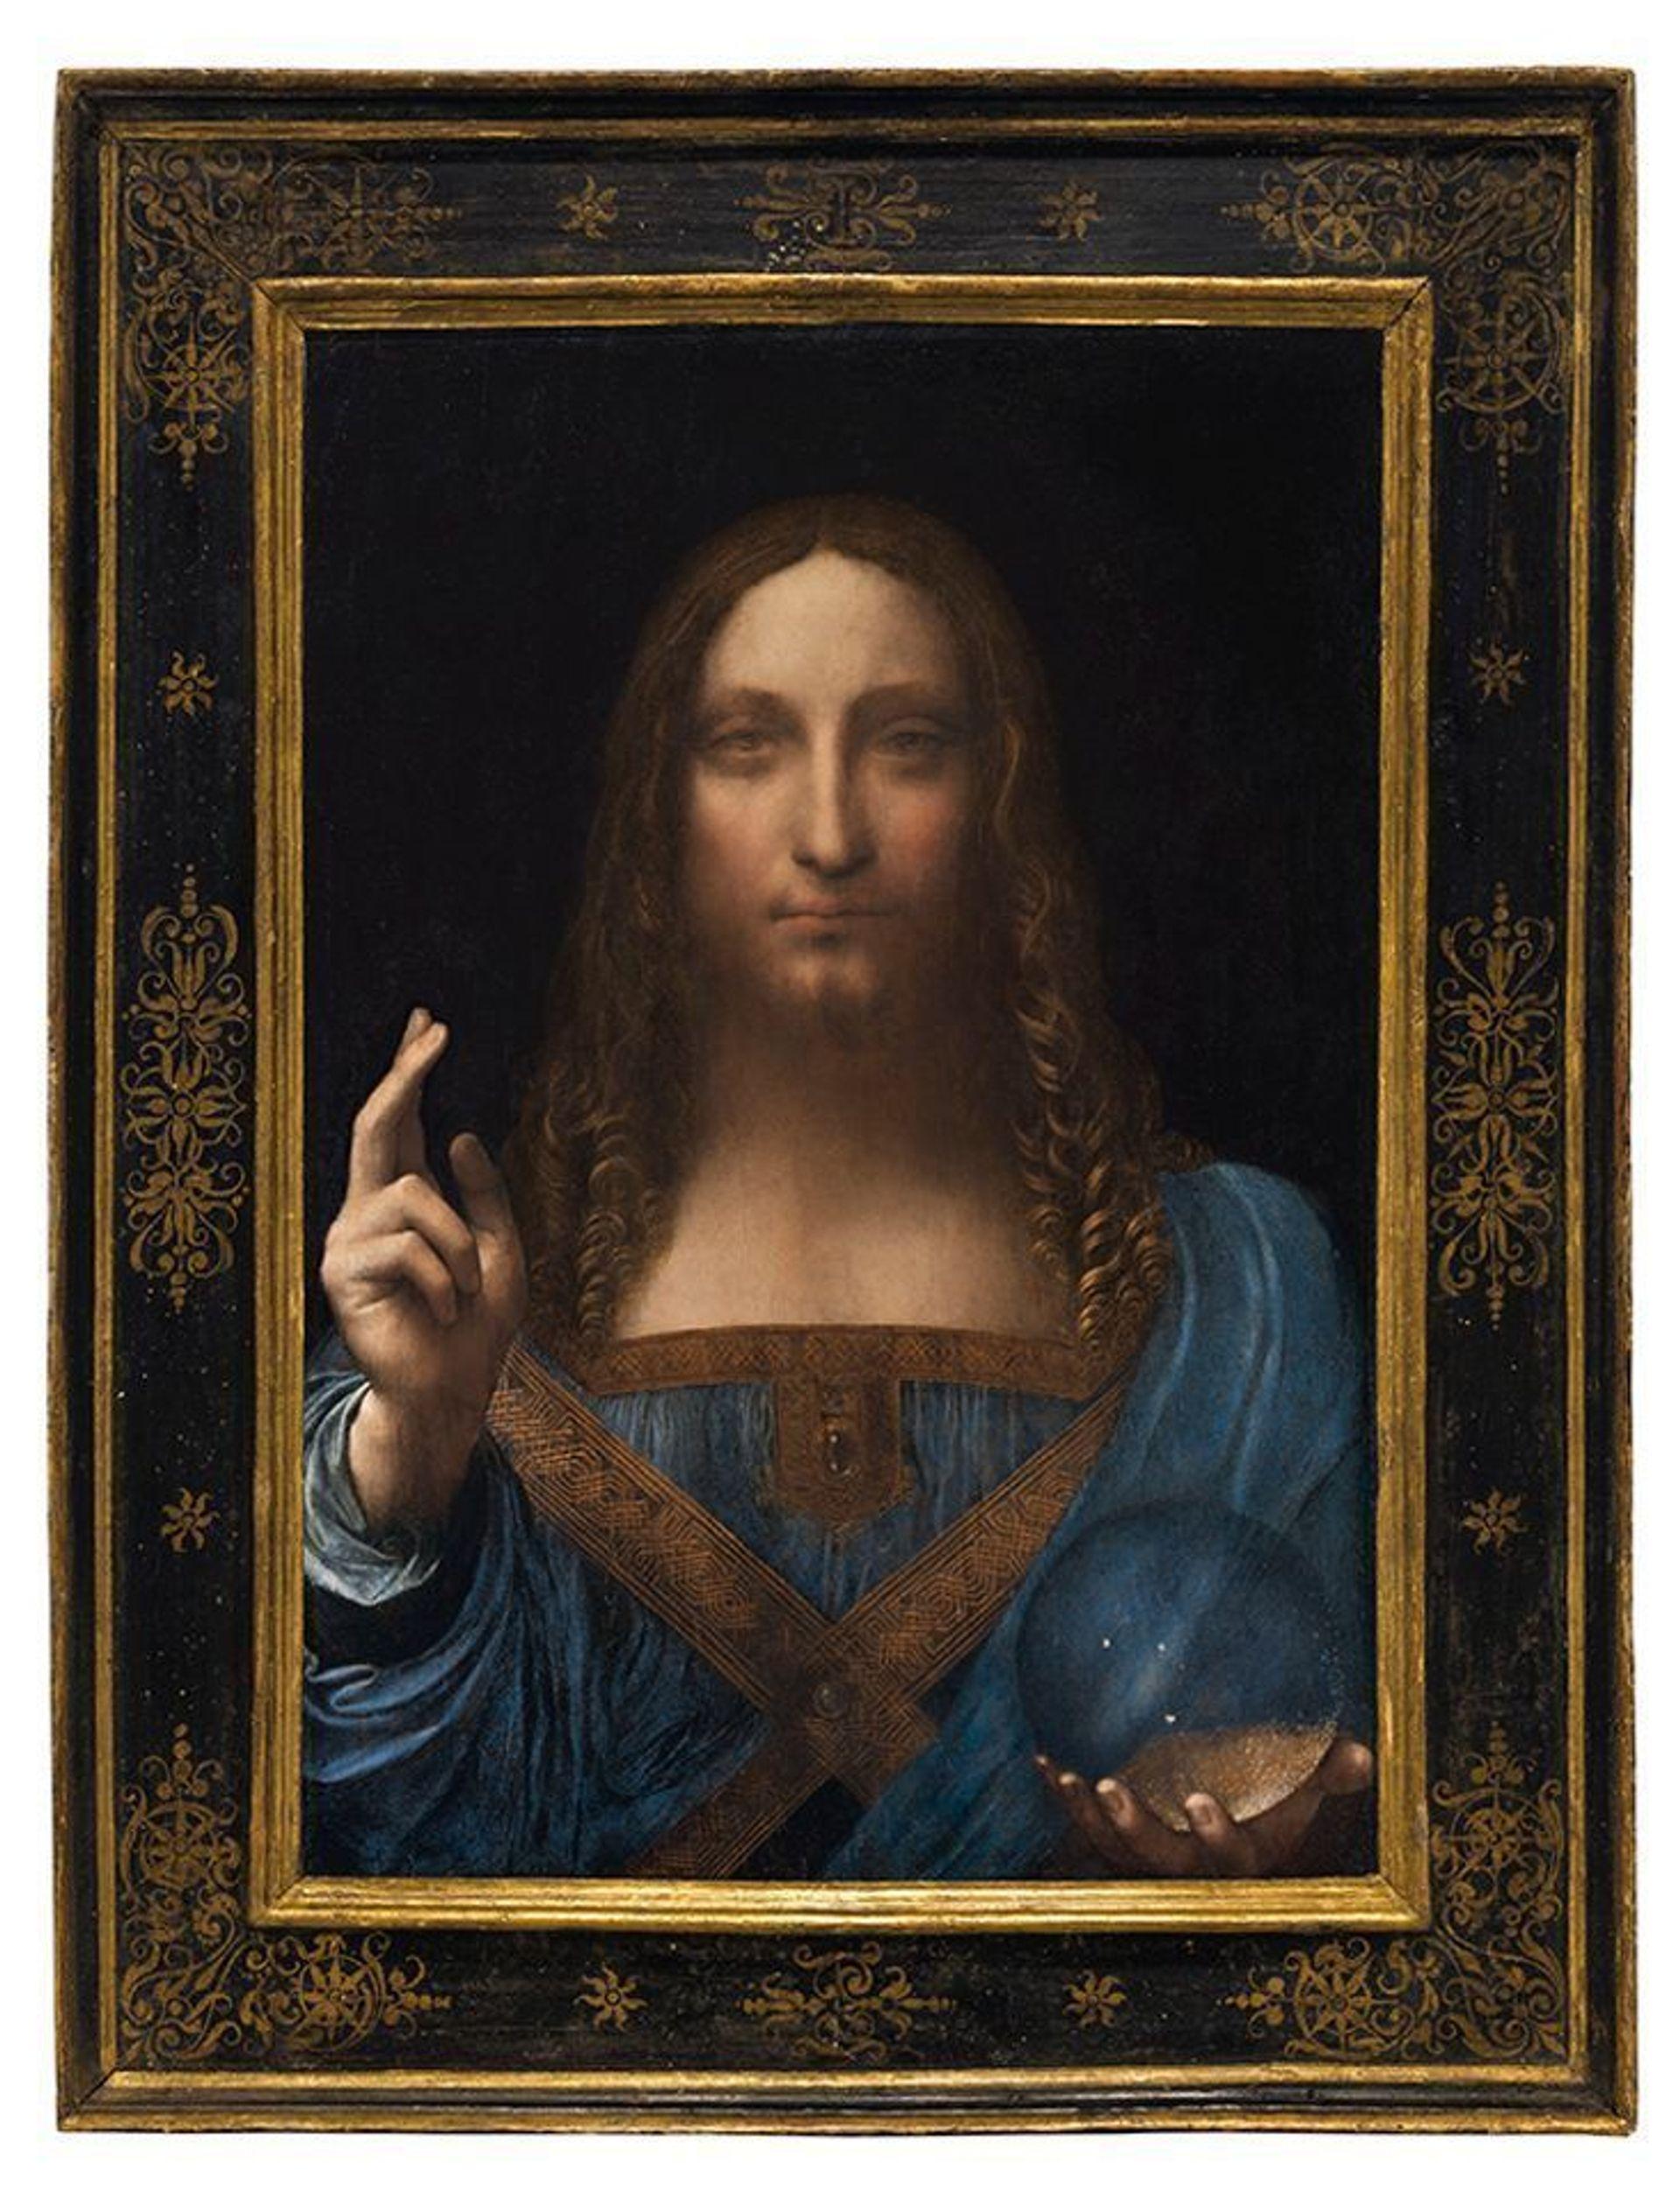 Salvator Mundi: 100% Leonardo?